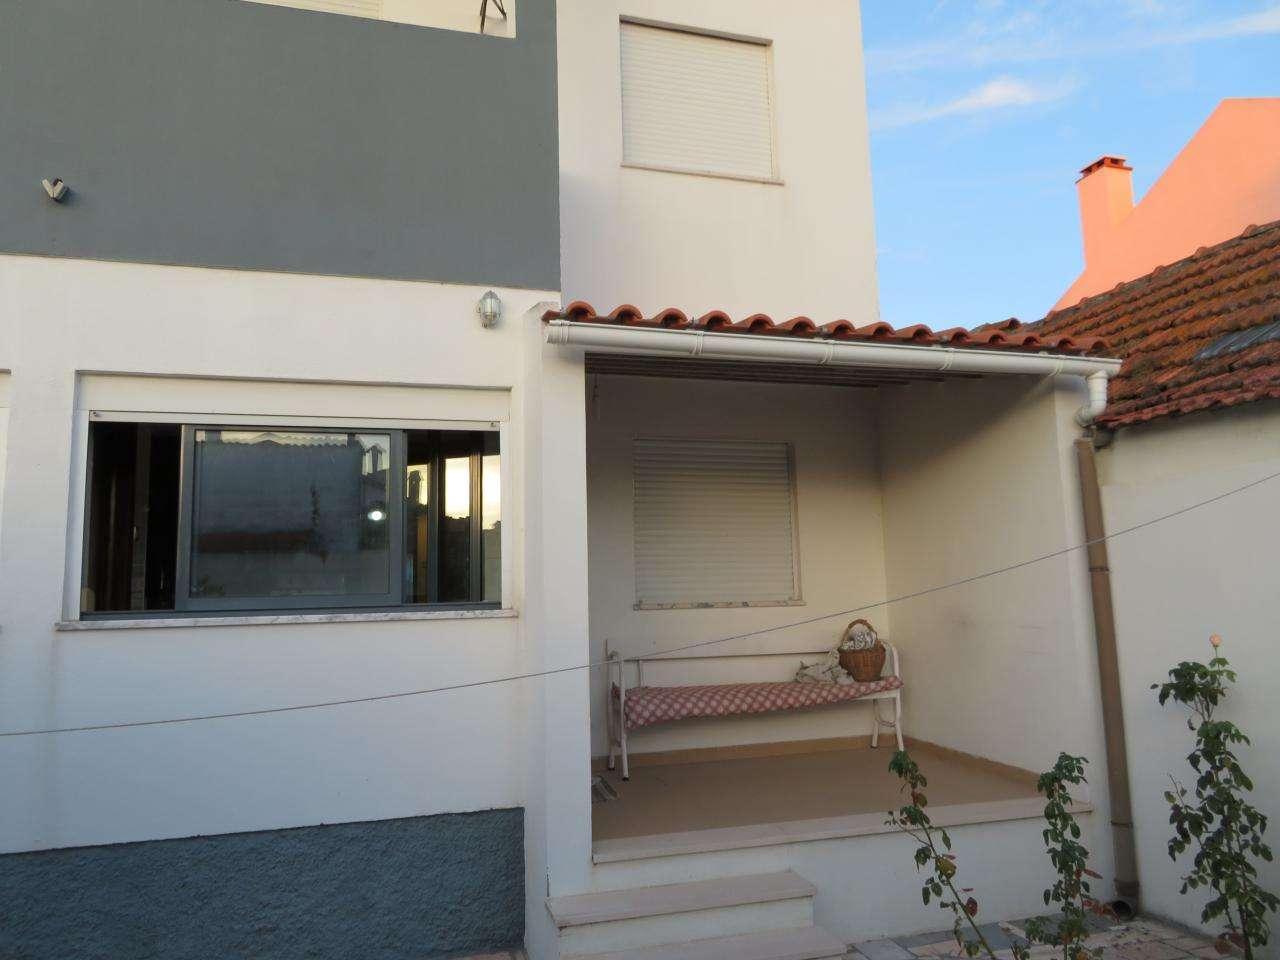 Moradia para comprar, Santo António da Charneca, Barreiro, Setúbal - Foto 1